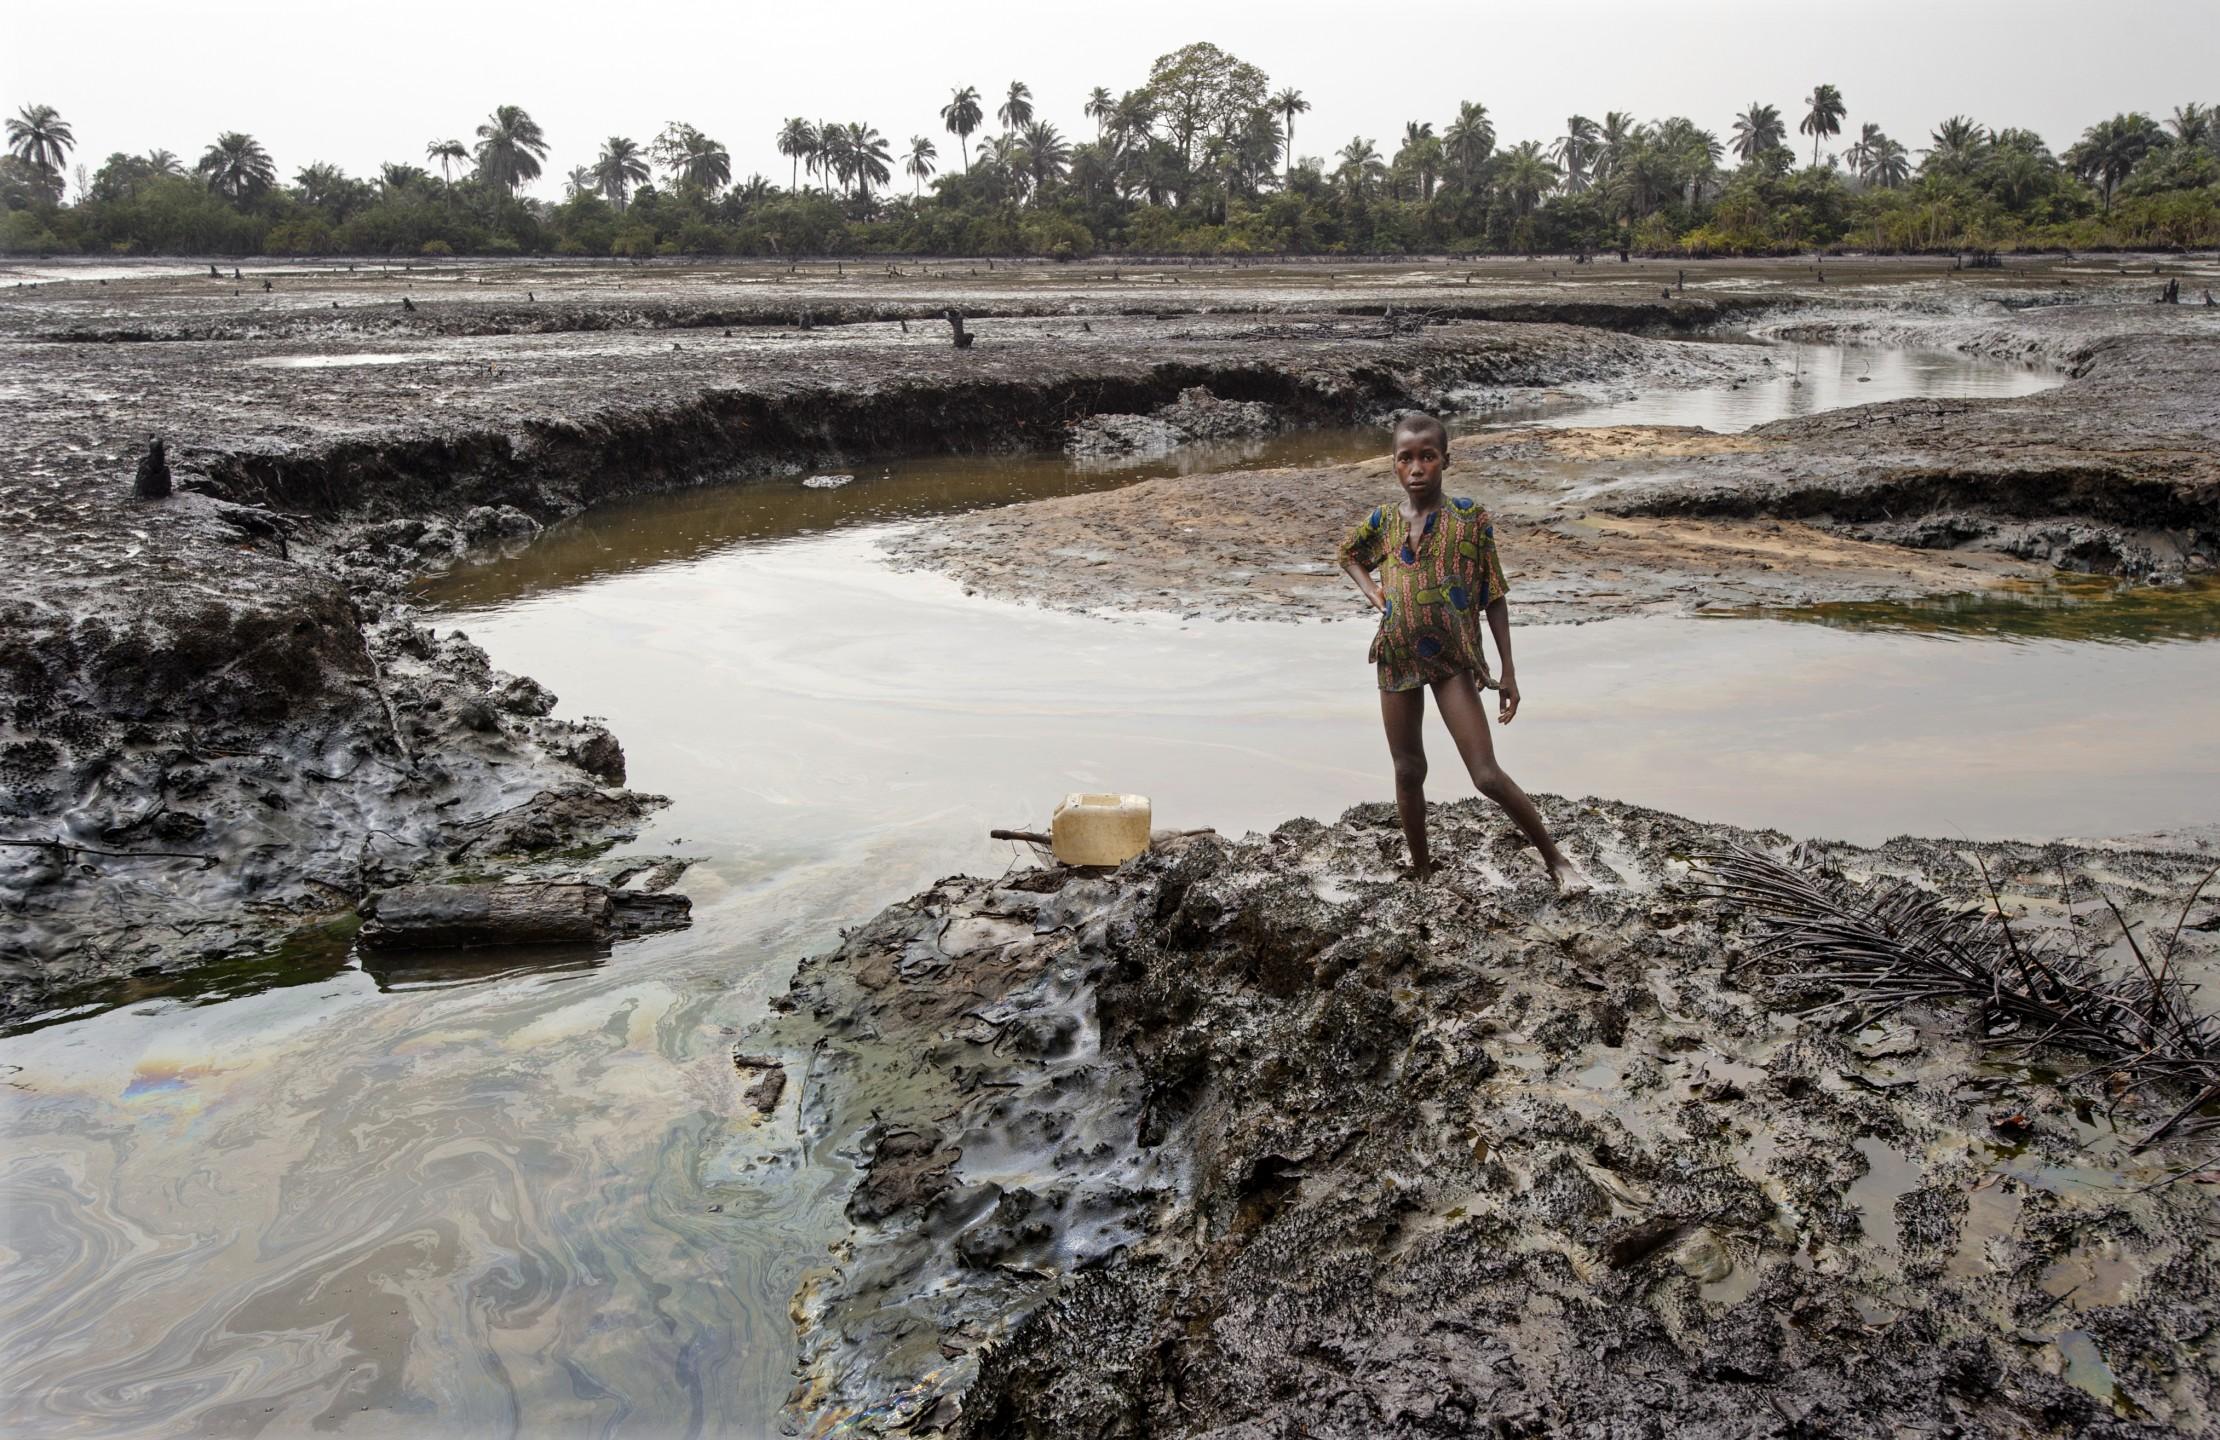 Jongetje staat in met olie besmeurde Nigerdelta, Goi.